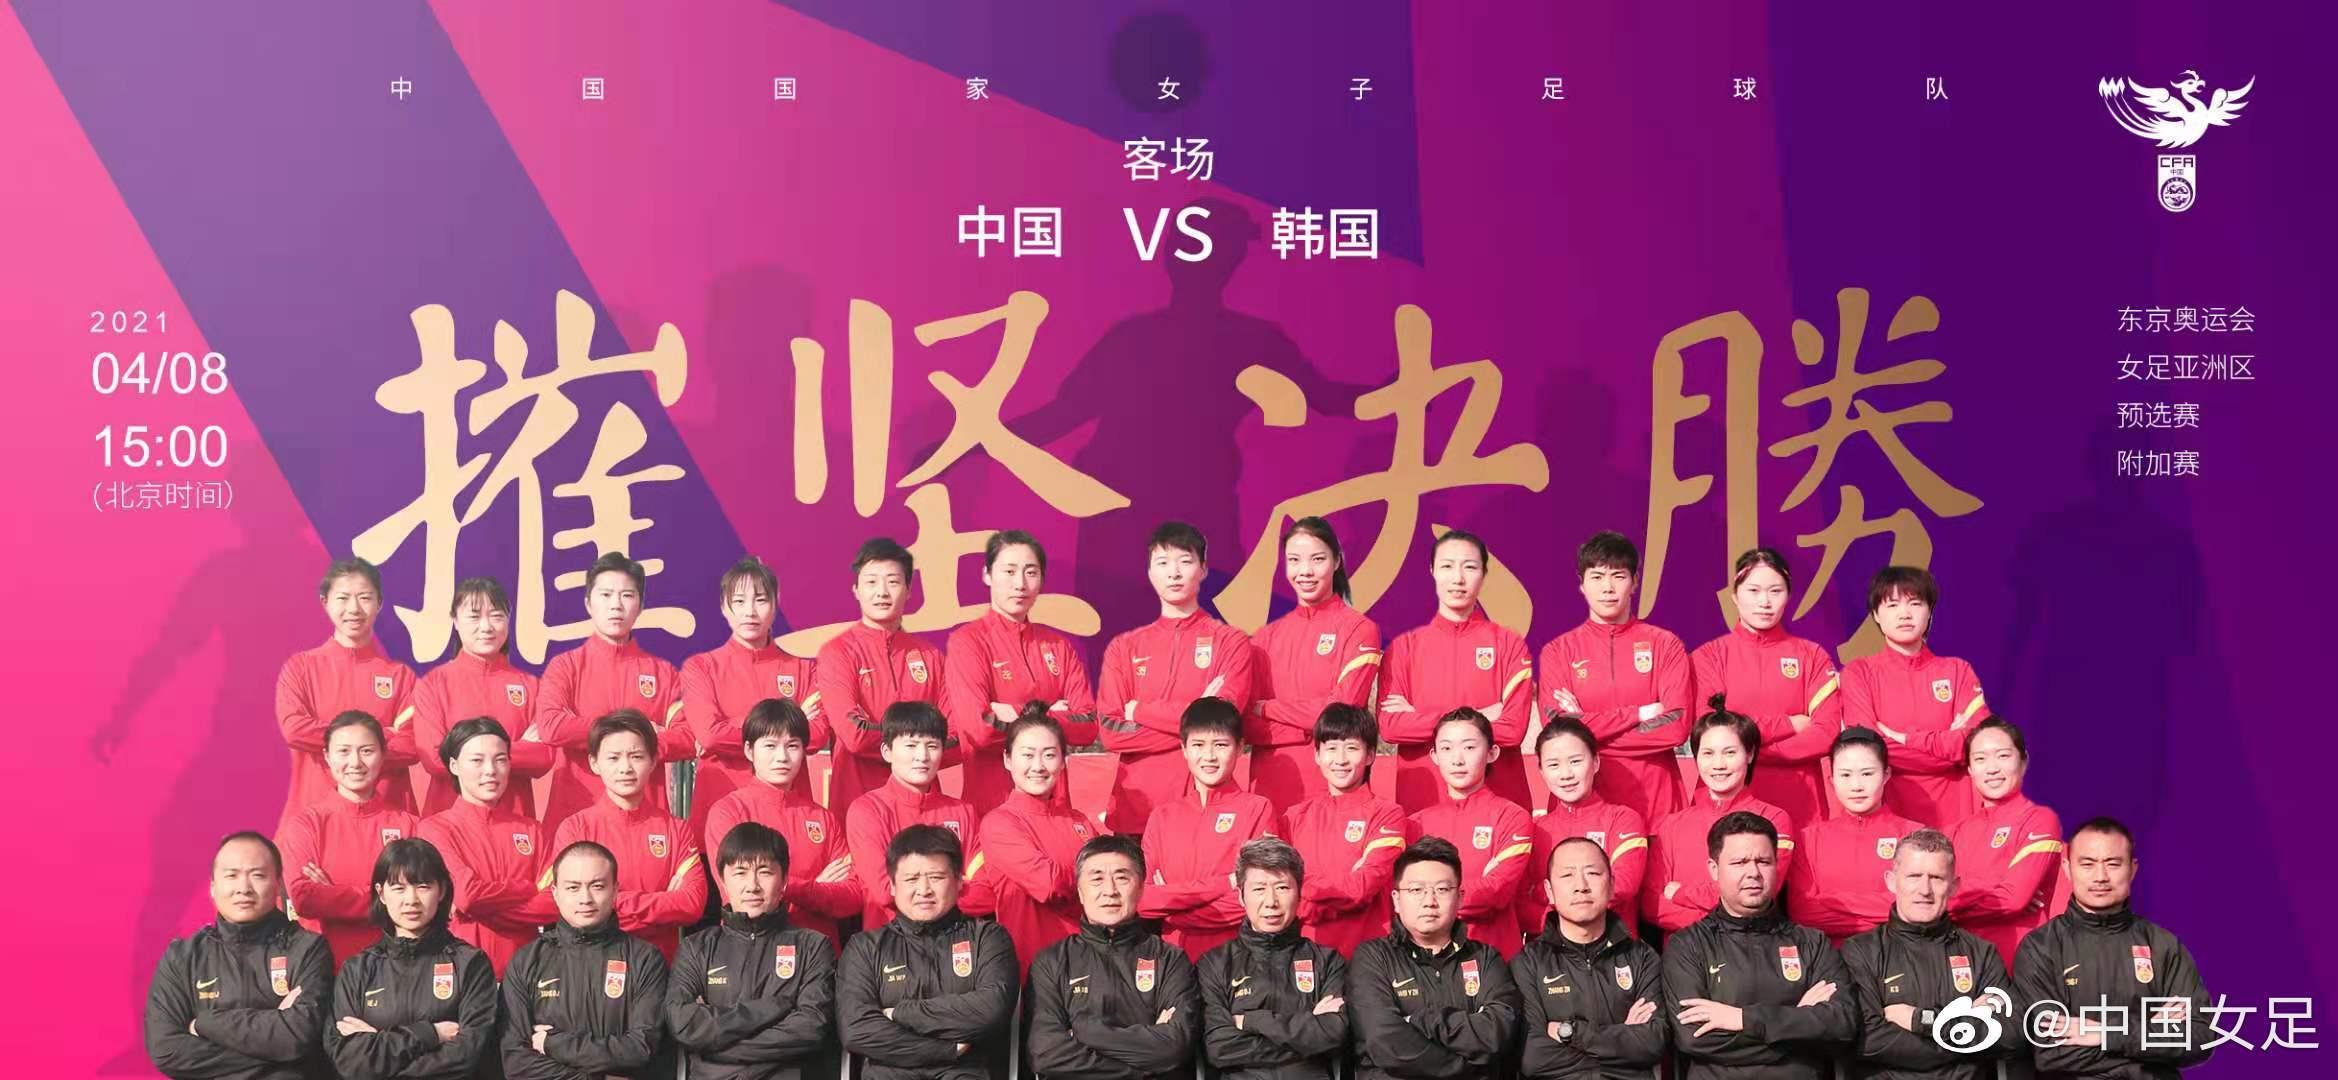 时隔420天再登场!中国女足迎冲击东京奥运终极之战